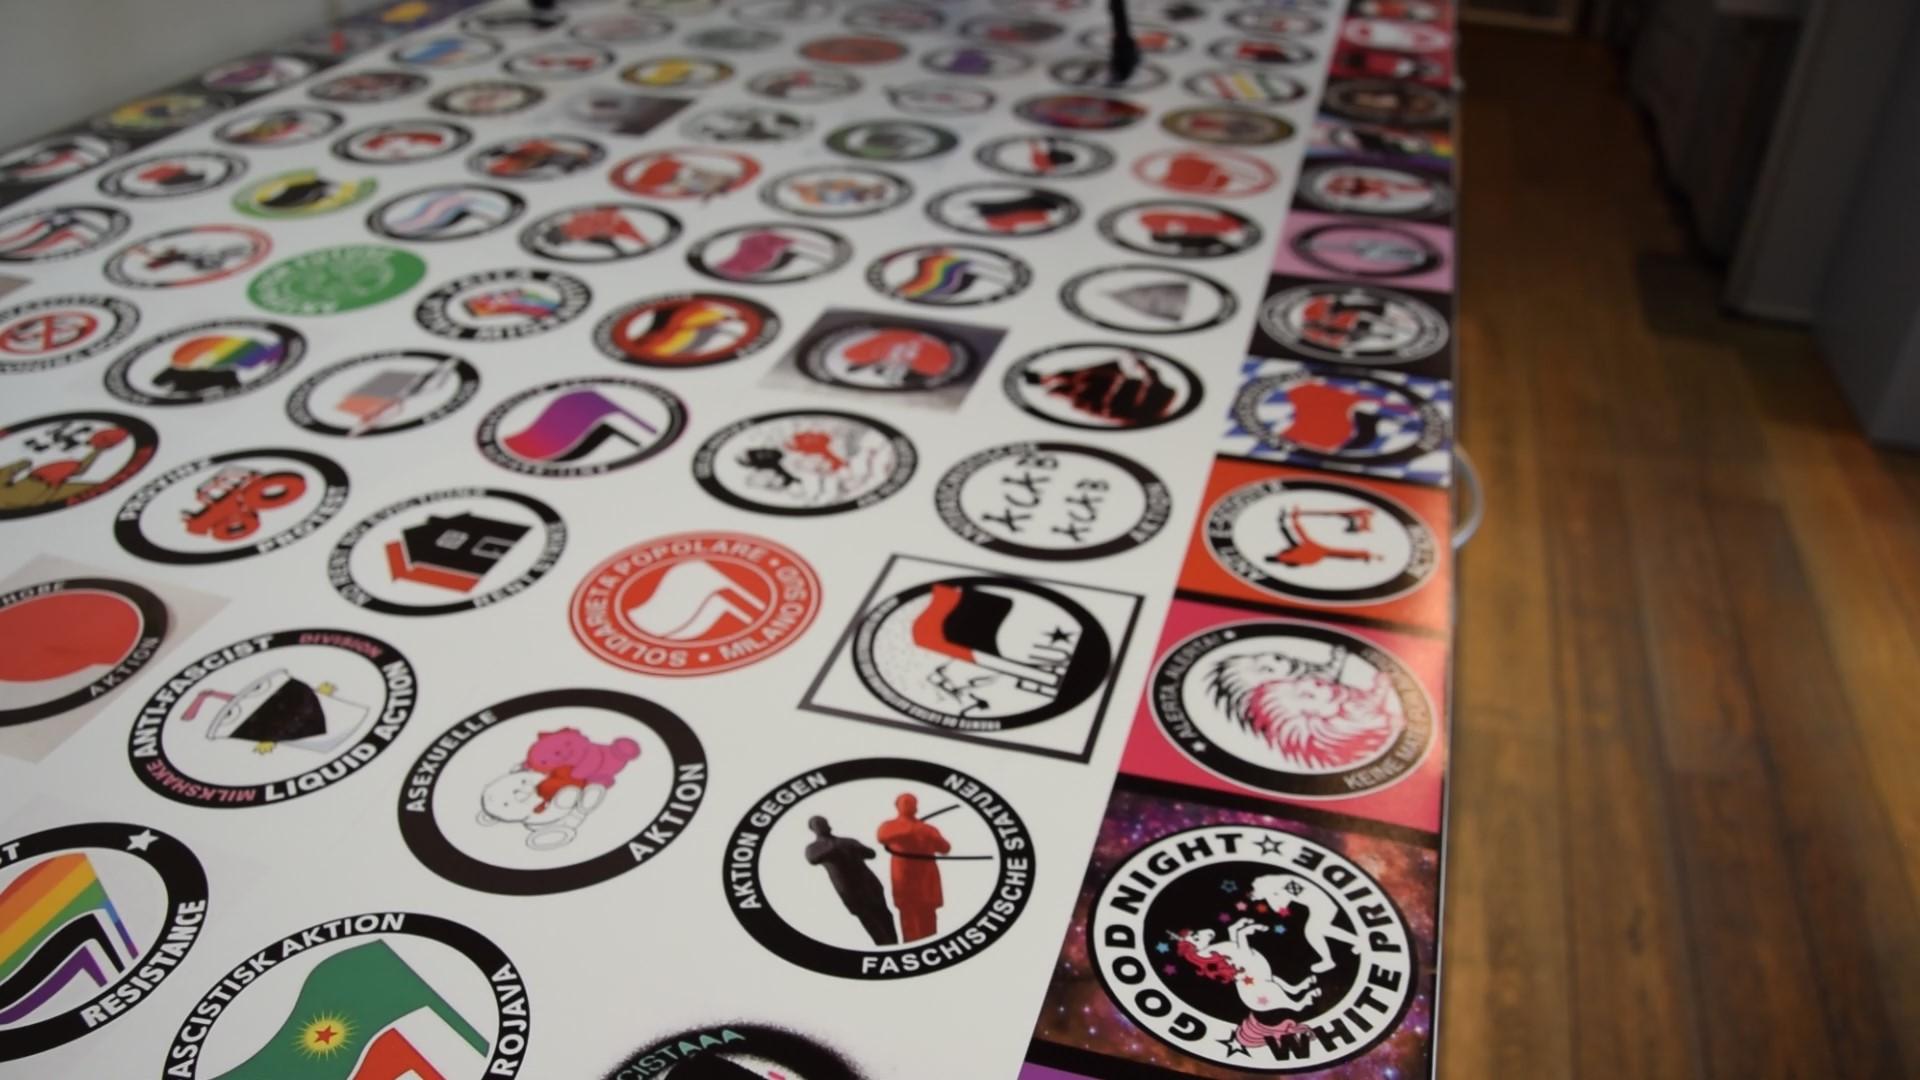 Ausstellung: Antifa – Mythos & Wahrheit des Peng! Kollektives in Chemnitz